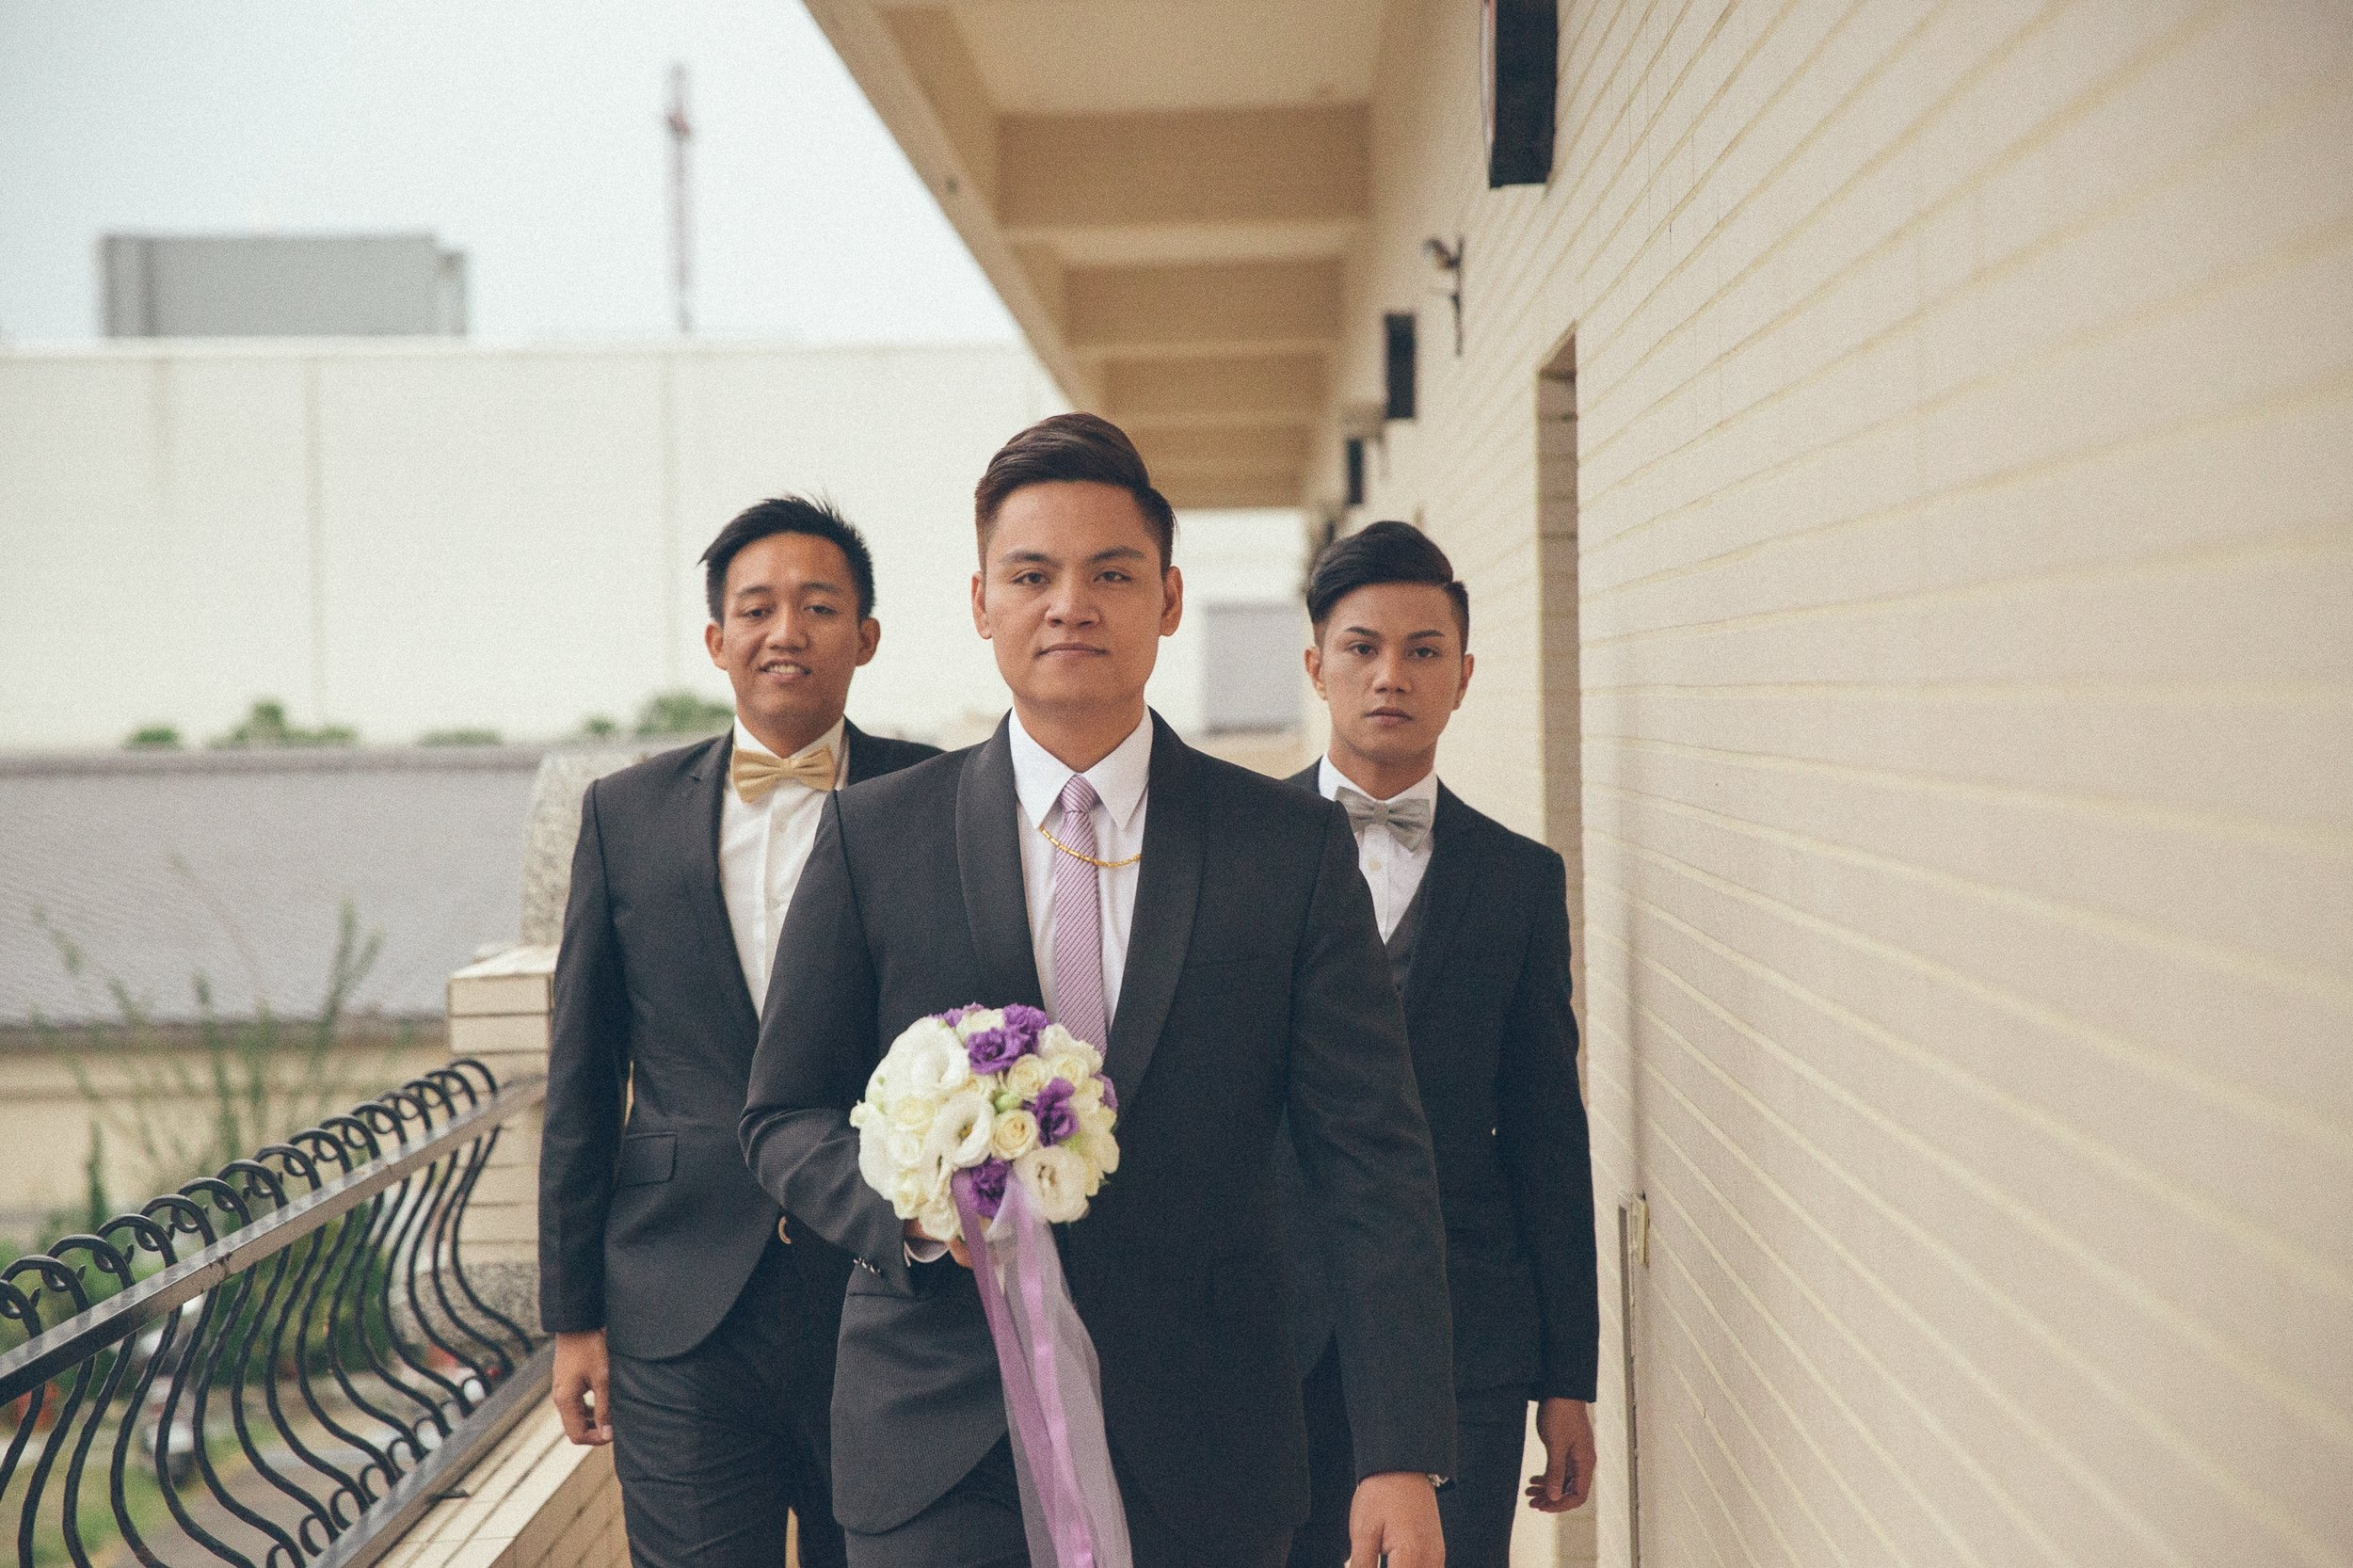 婚禮紀錄-推薦婚攝-默默推薦-高雄婚攝14.jpg